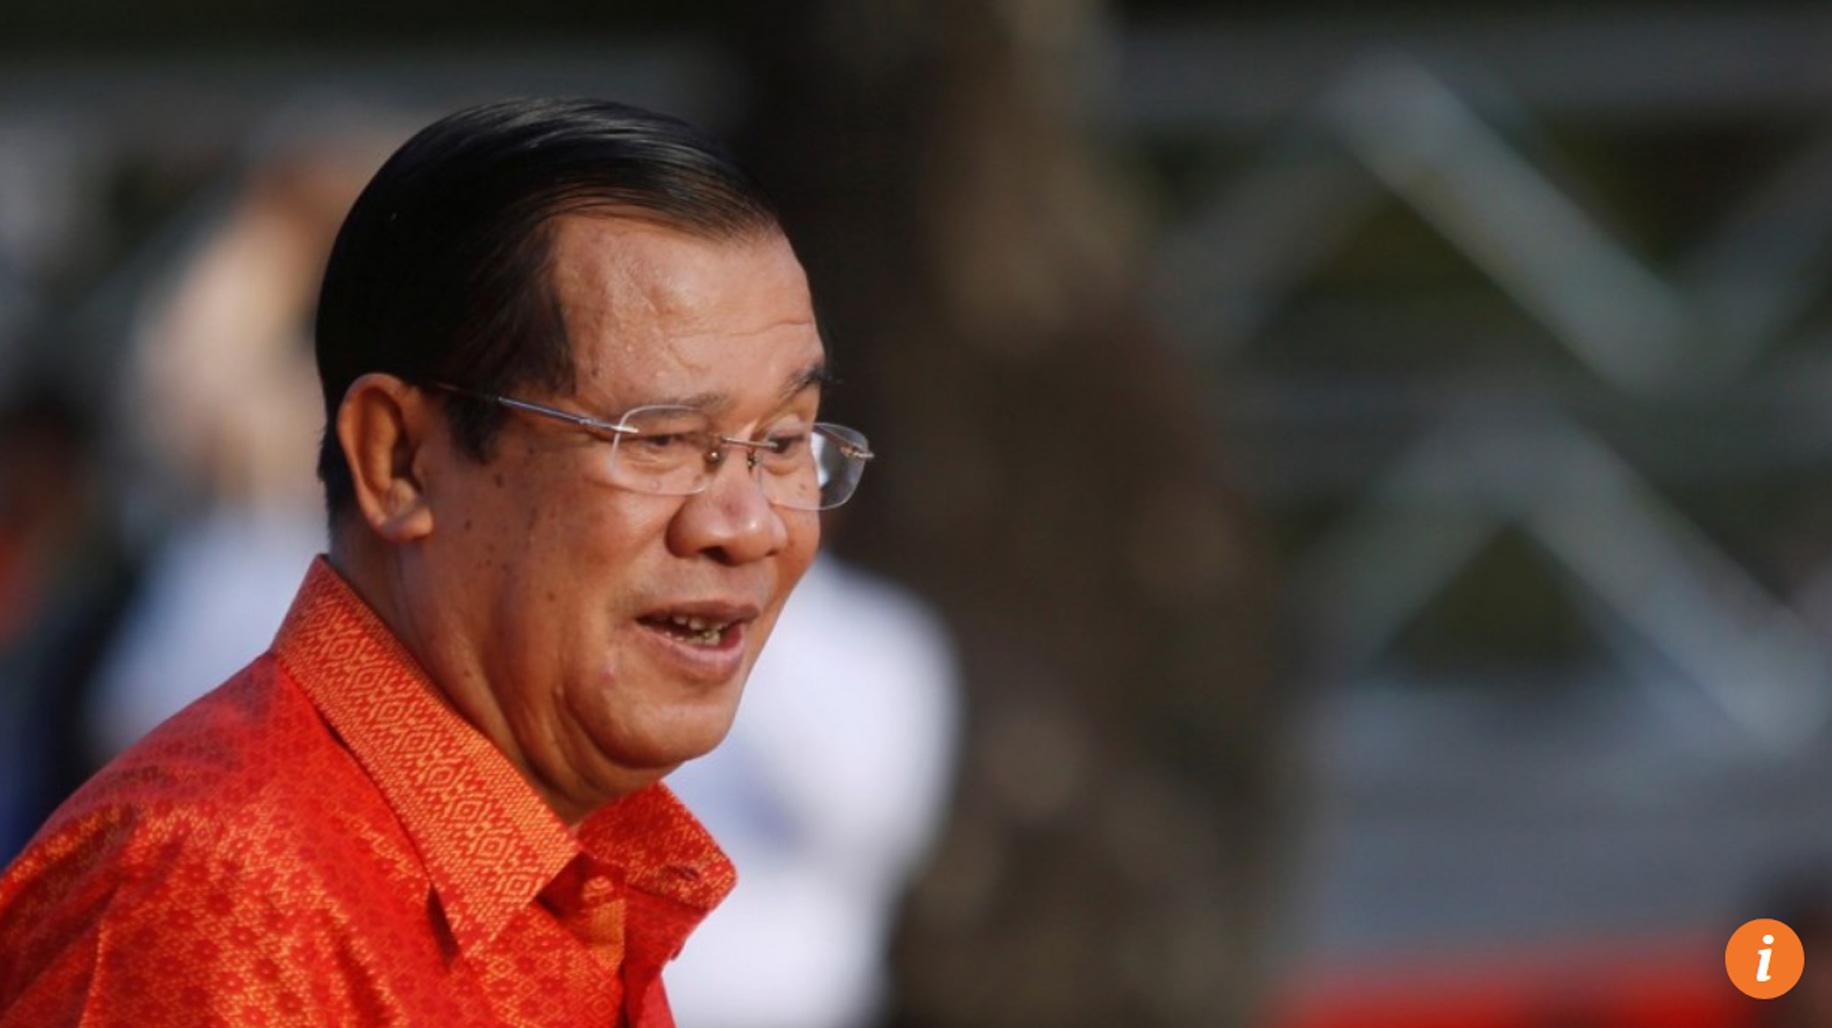 Cambodia có thể mất 700 triệu Mỹ kim mỗi năm vì sự trừng phạt của Châu Âu